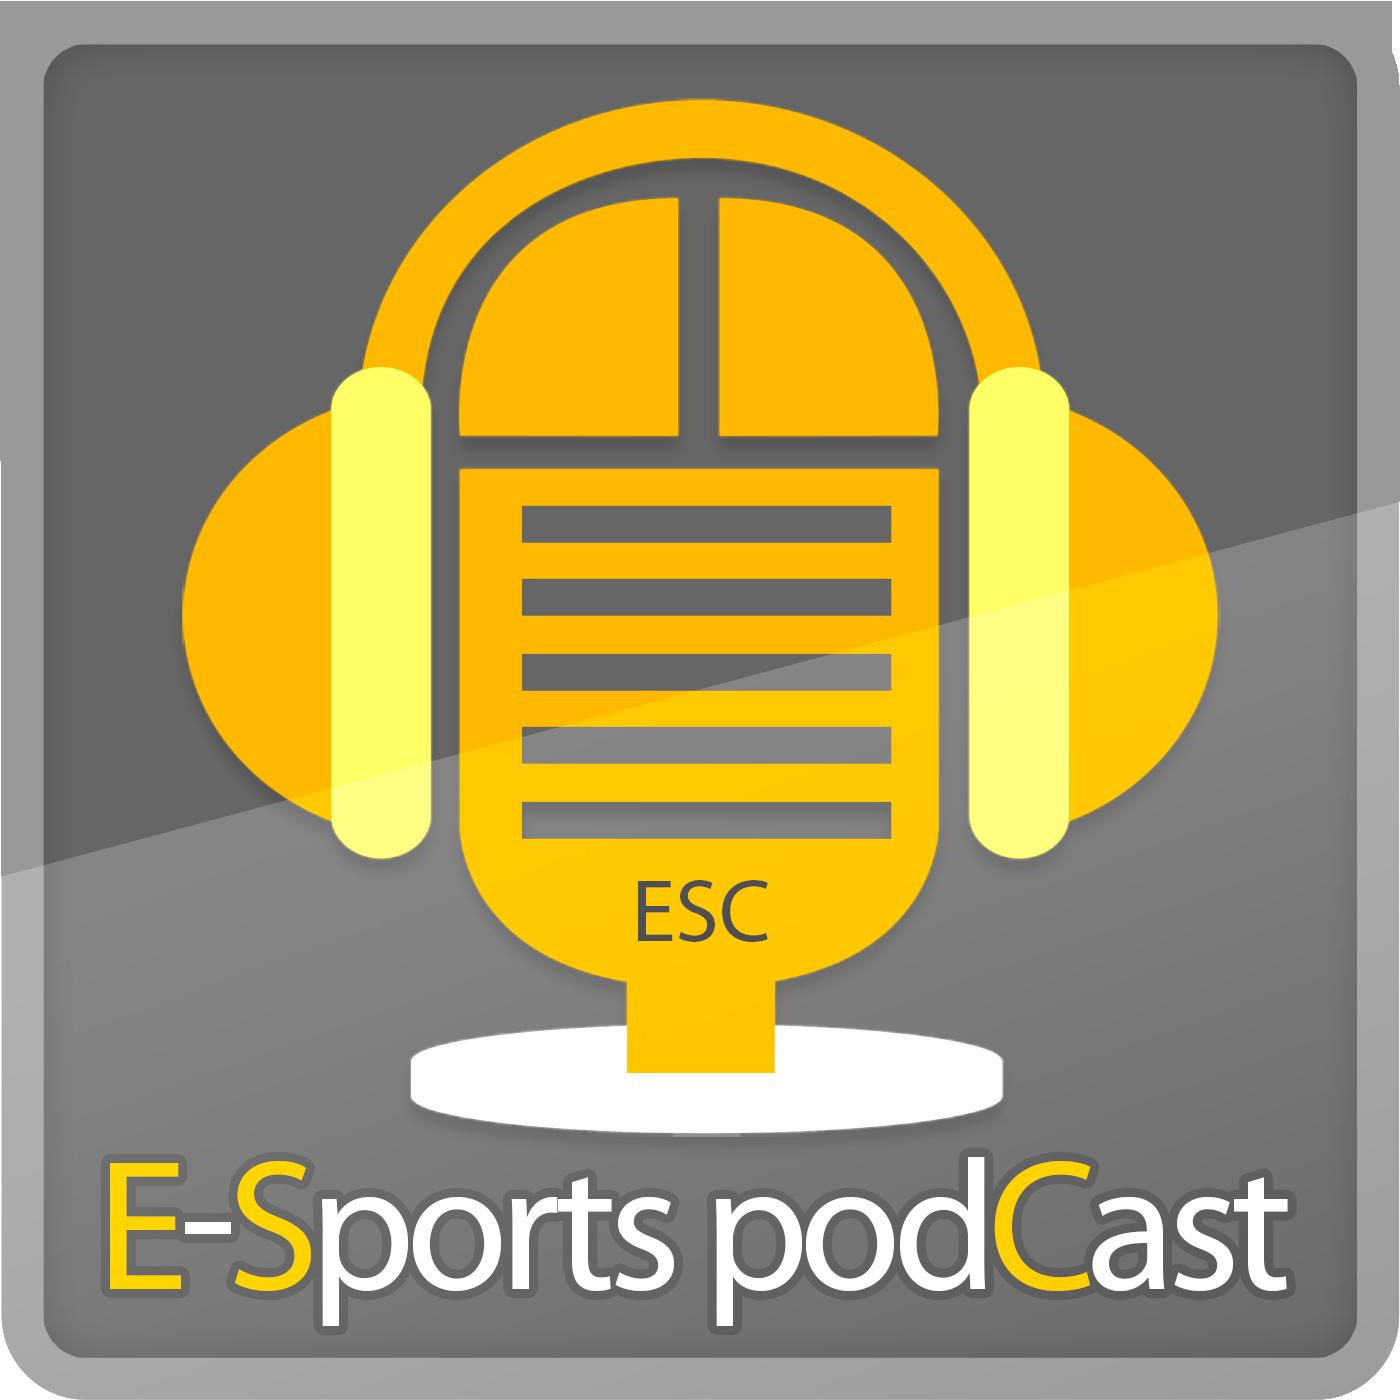 ESC(E-Sports podCast)